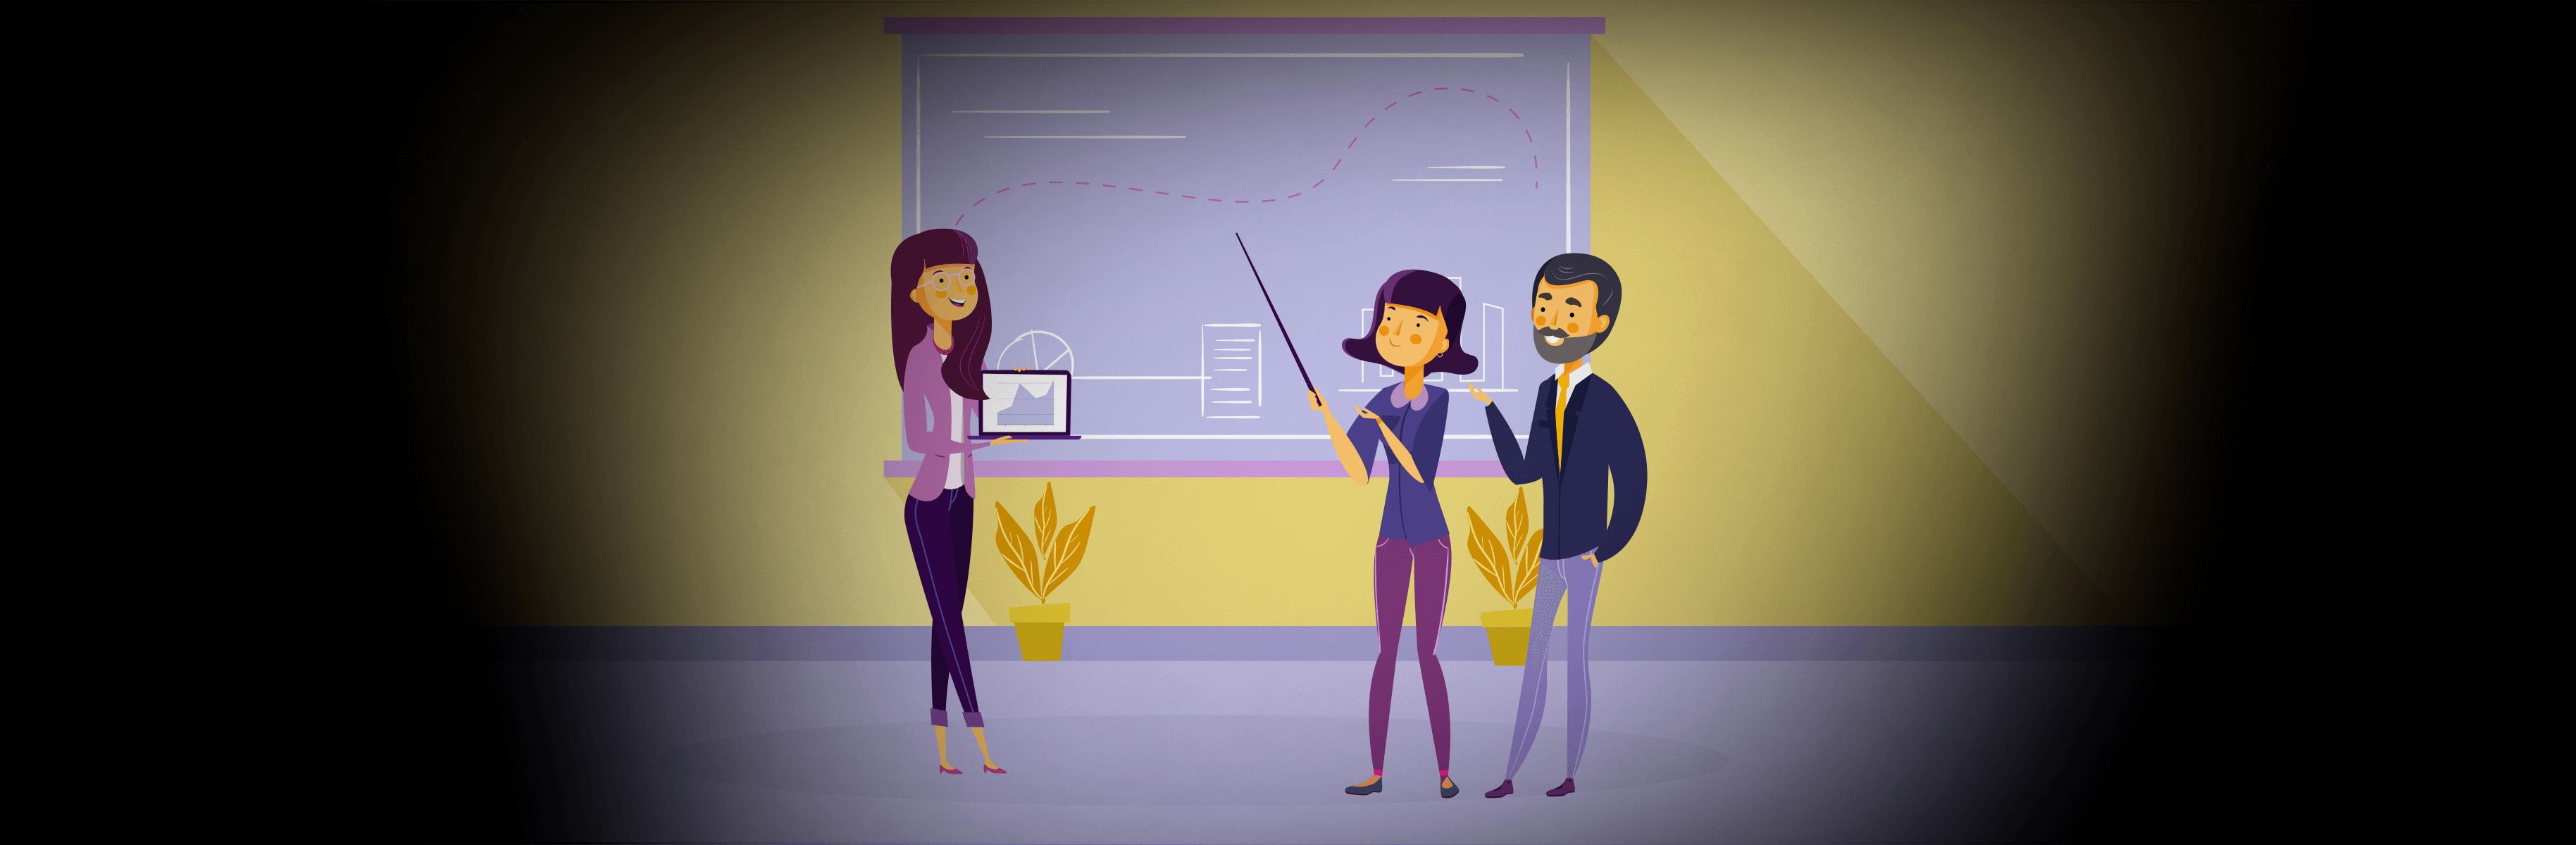 Como montar uma equipe de atendimento com foco em resultados